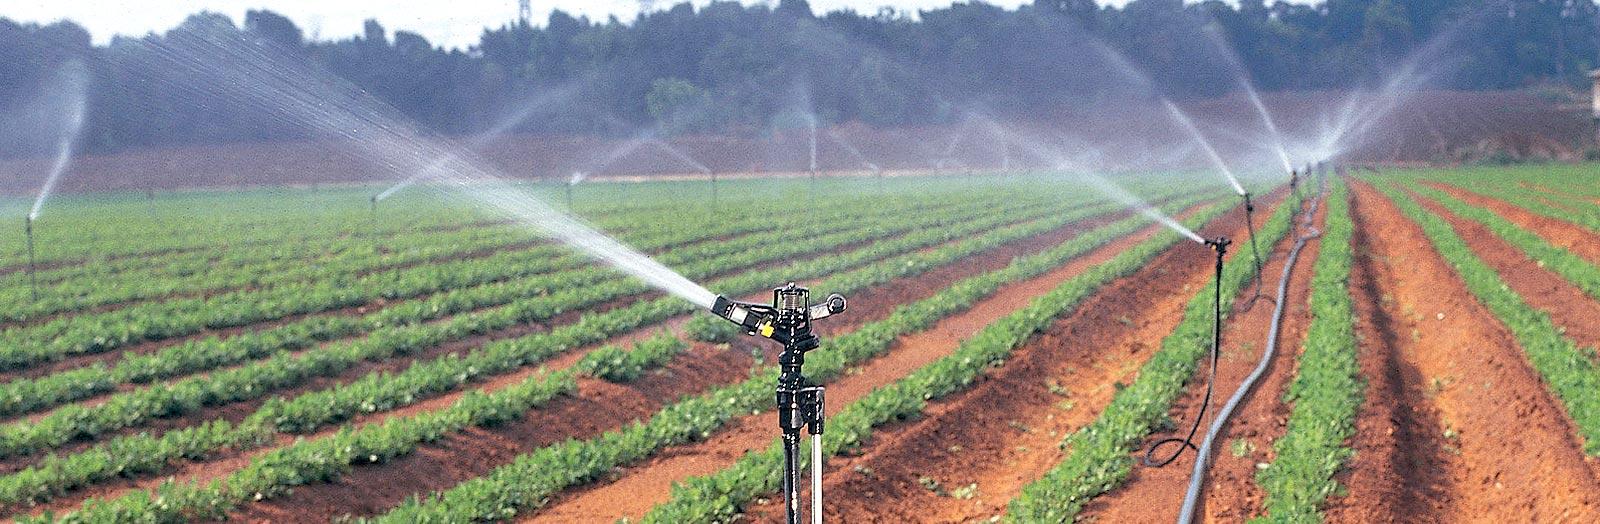 روشهای کود دهی در سیستم آبیاری بارانی